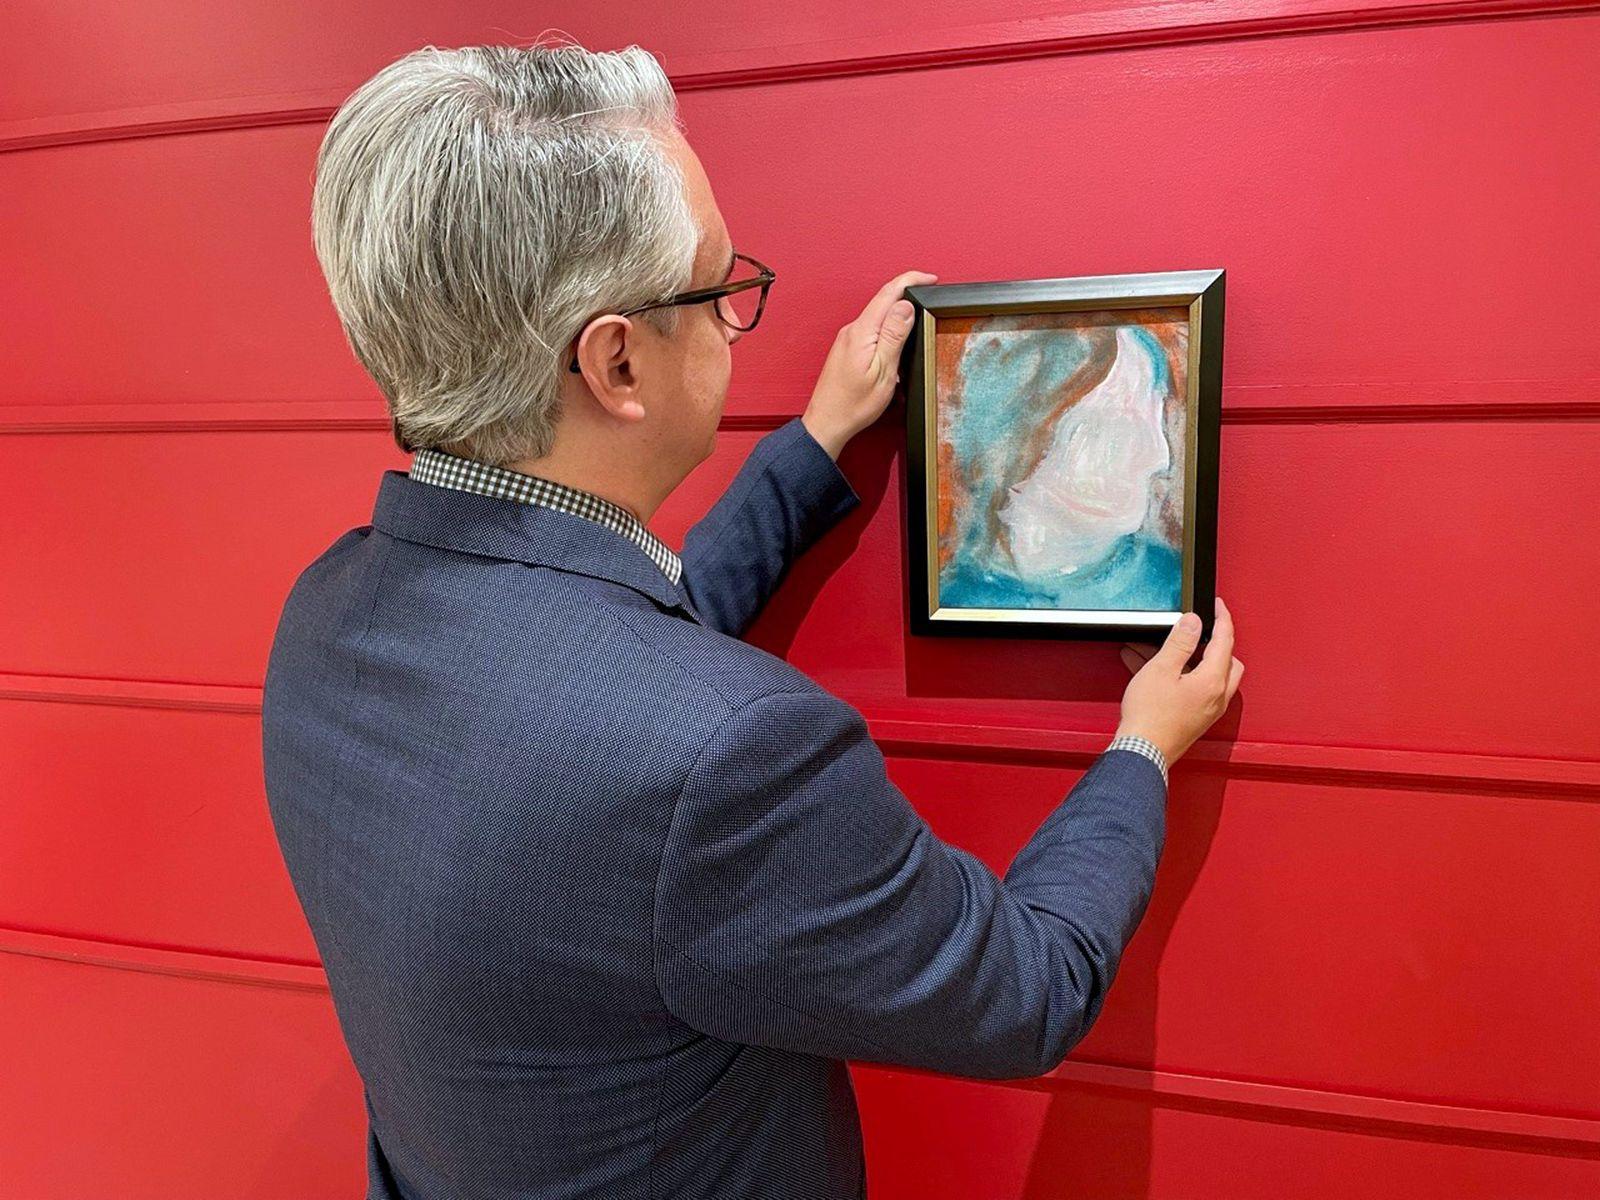 In Spendenzentrum entdecktes Bowie-Gemälde wird versteigert